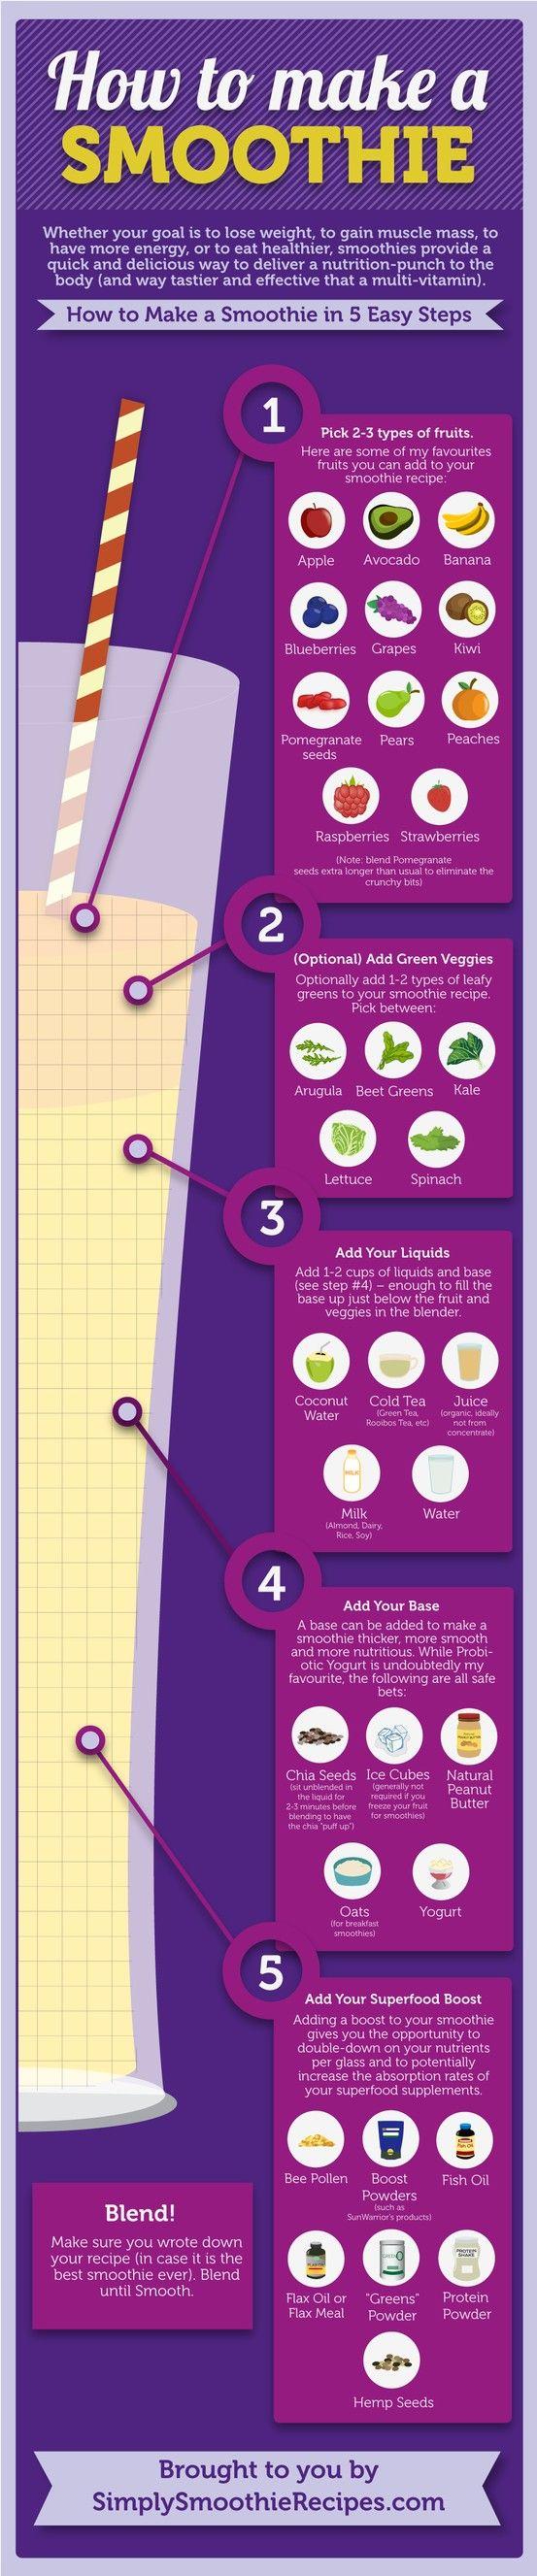 how to make a smothie